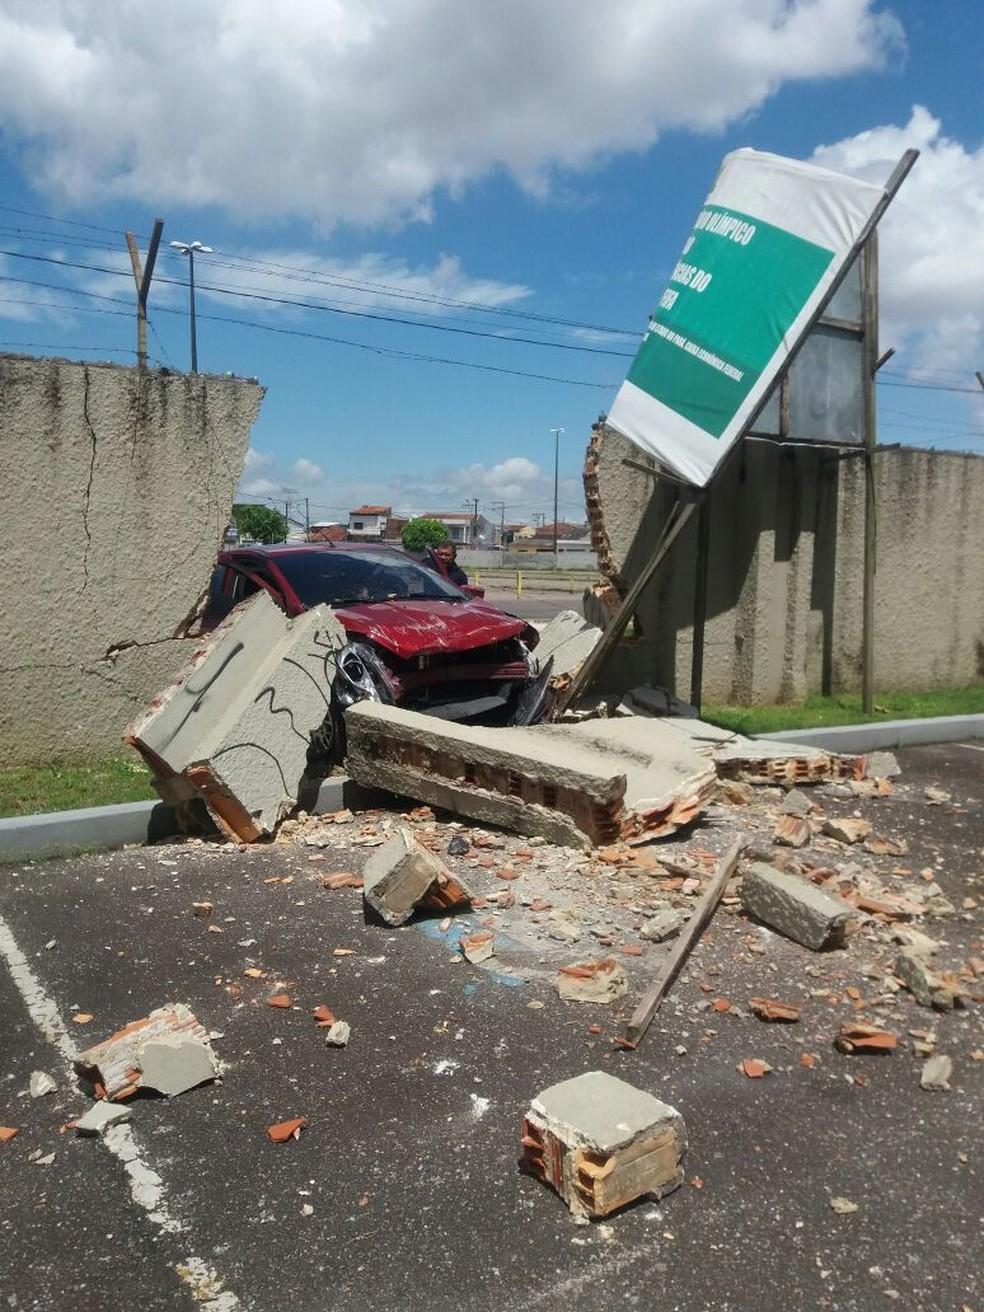 -  Motorista desmaia, perde controle do carro e bate no muro do estádio Mangueirão  Foto: Trânsito 24h Belém